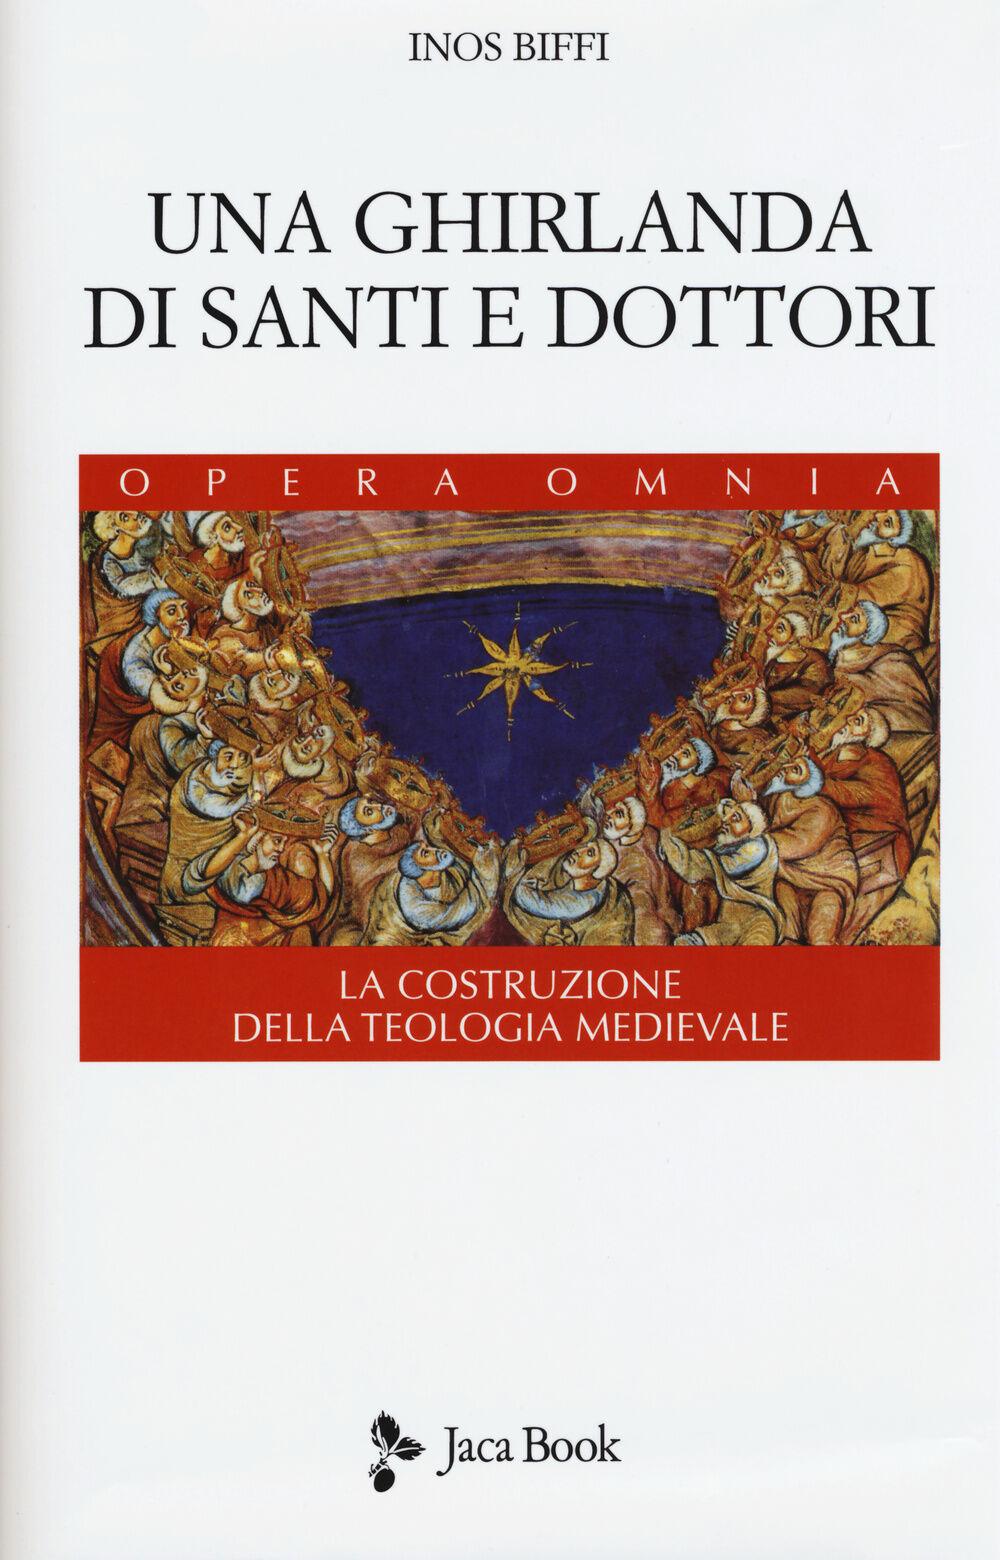 Una ghirlanda di santi e dottori. Raccolta di frammenti. La costruzione della teologia medievale